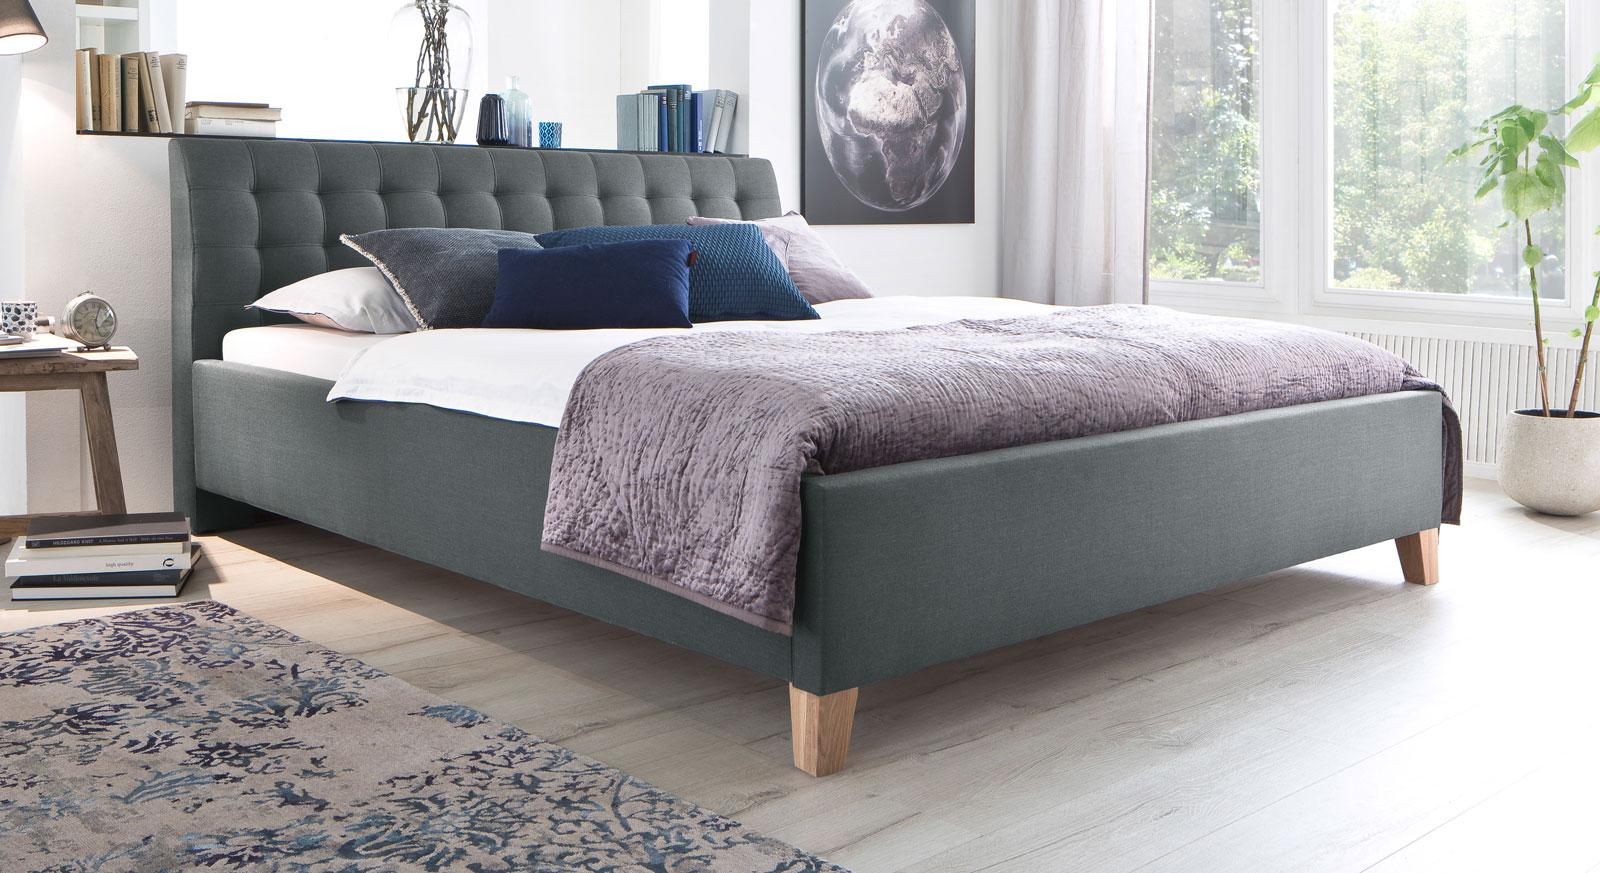 stoffbett 50er jahre retrolook mit eichefarbigen f en. Black Bedroom Furniture Sets. Home Design Ideas